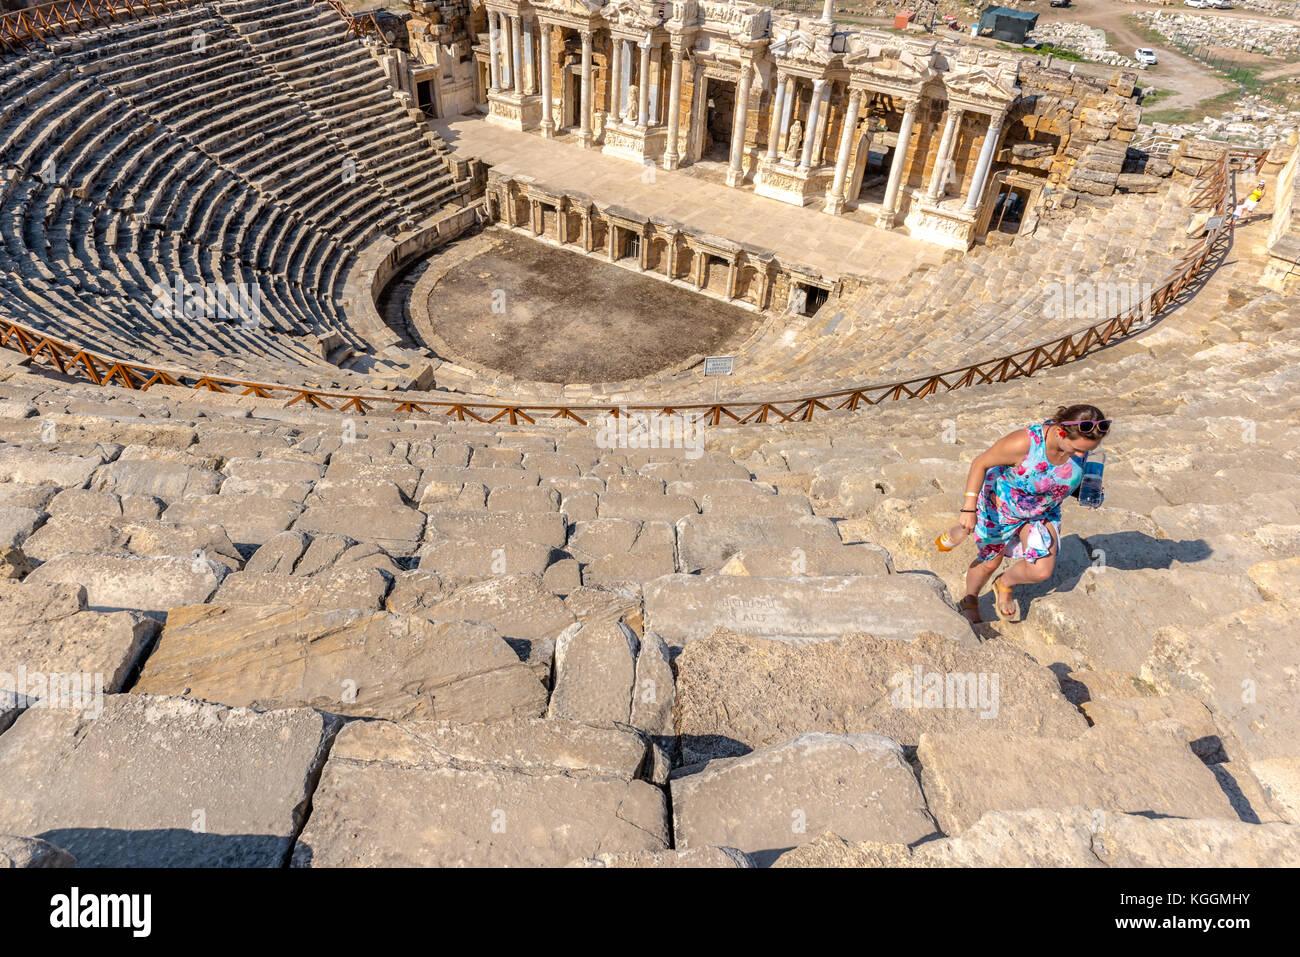 La gente di visitare le rovine del teatro antico nell'antica città greca hierapolis, Pamukkale, la Turchia.25 agosto Foto Stock